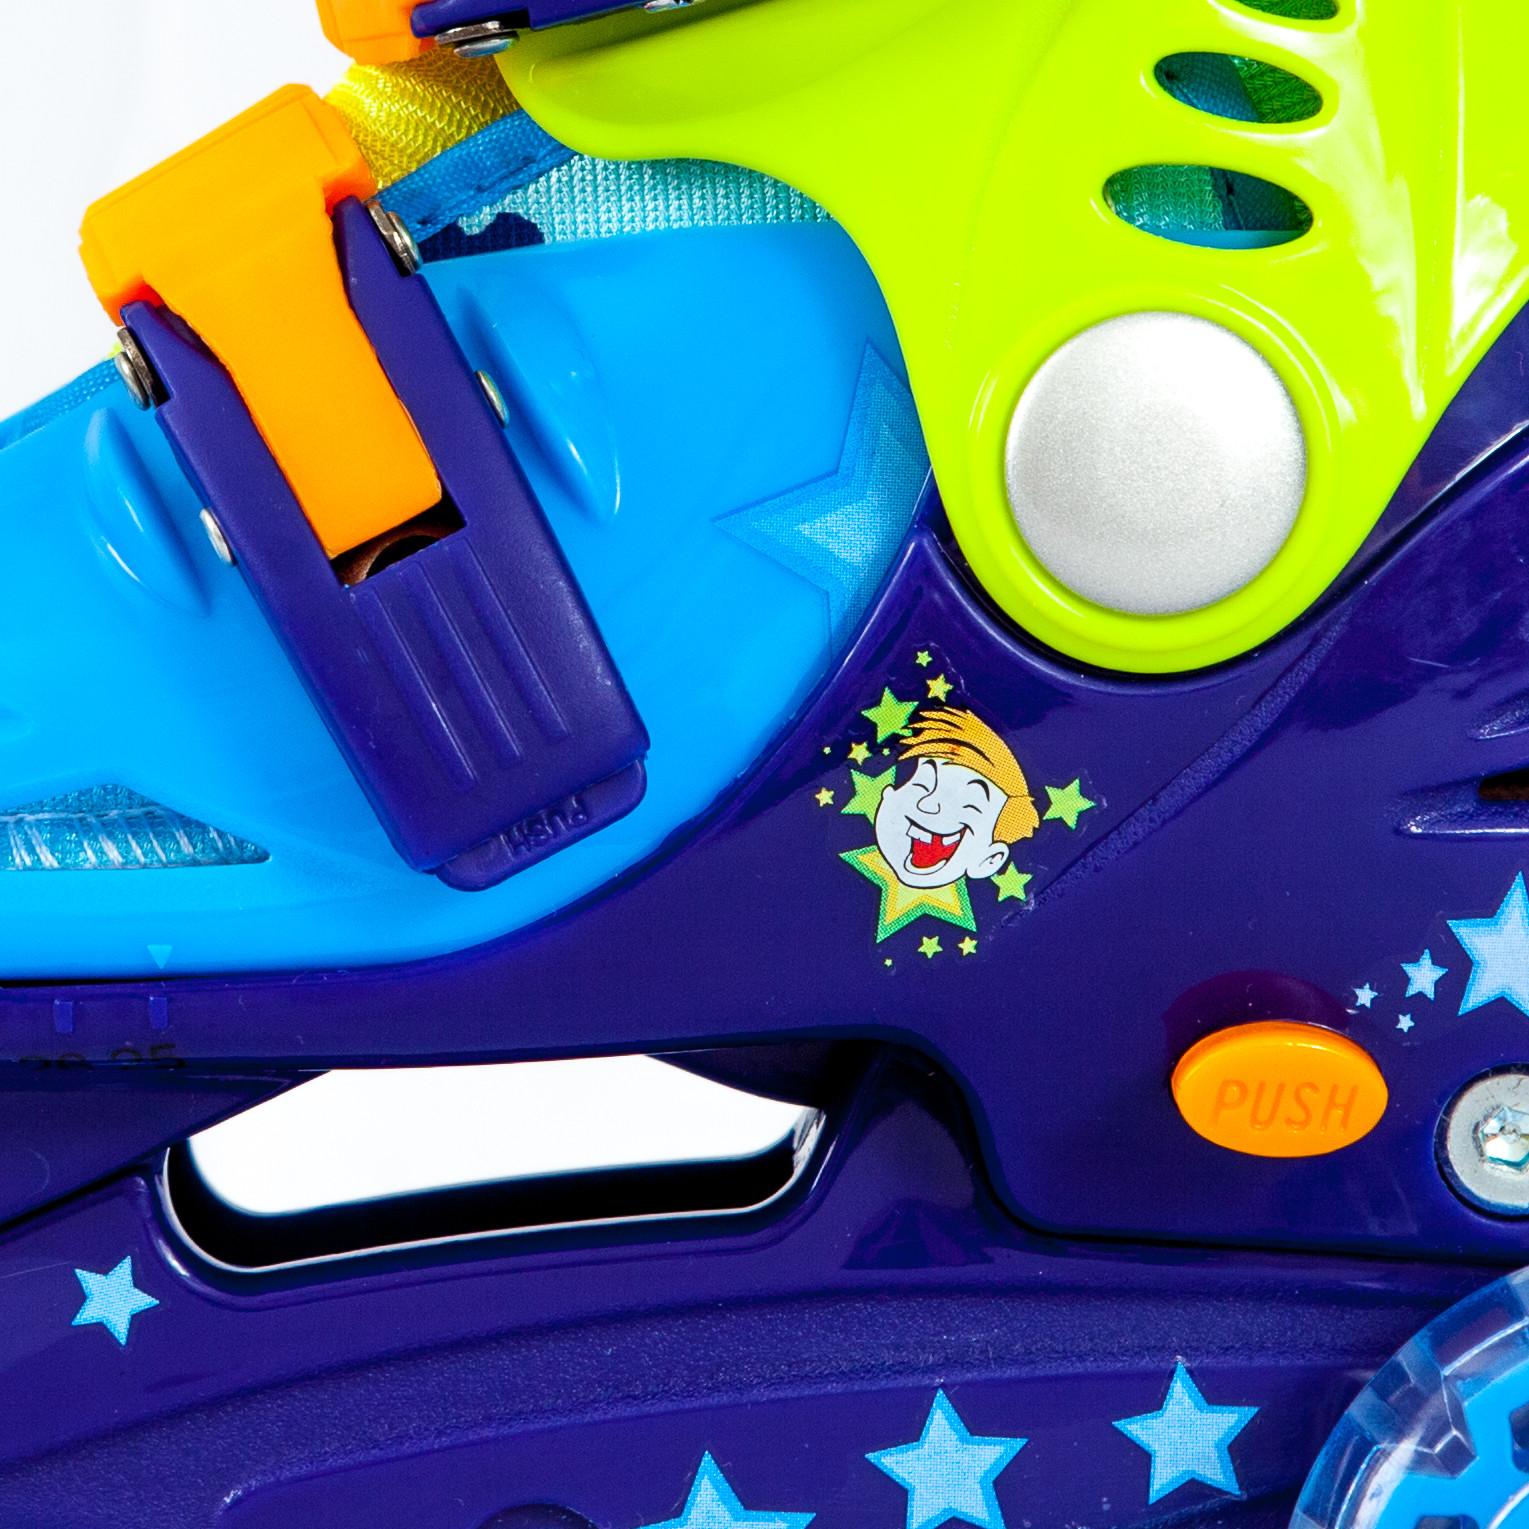 Ролики детские 28 размер, раздвижной ботинок, для обучения катанию (трехколесные) MagicWheels зеленые, - фото 3